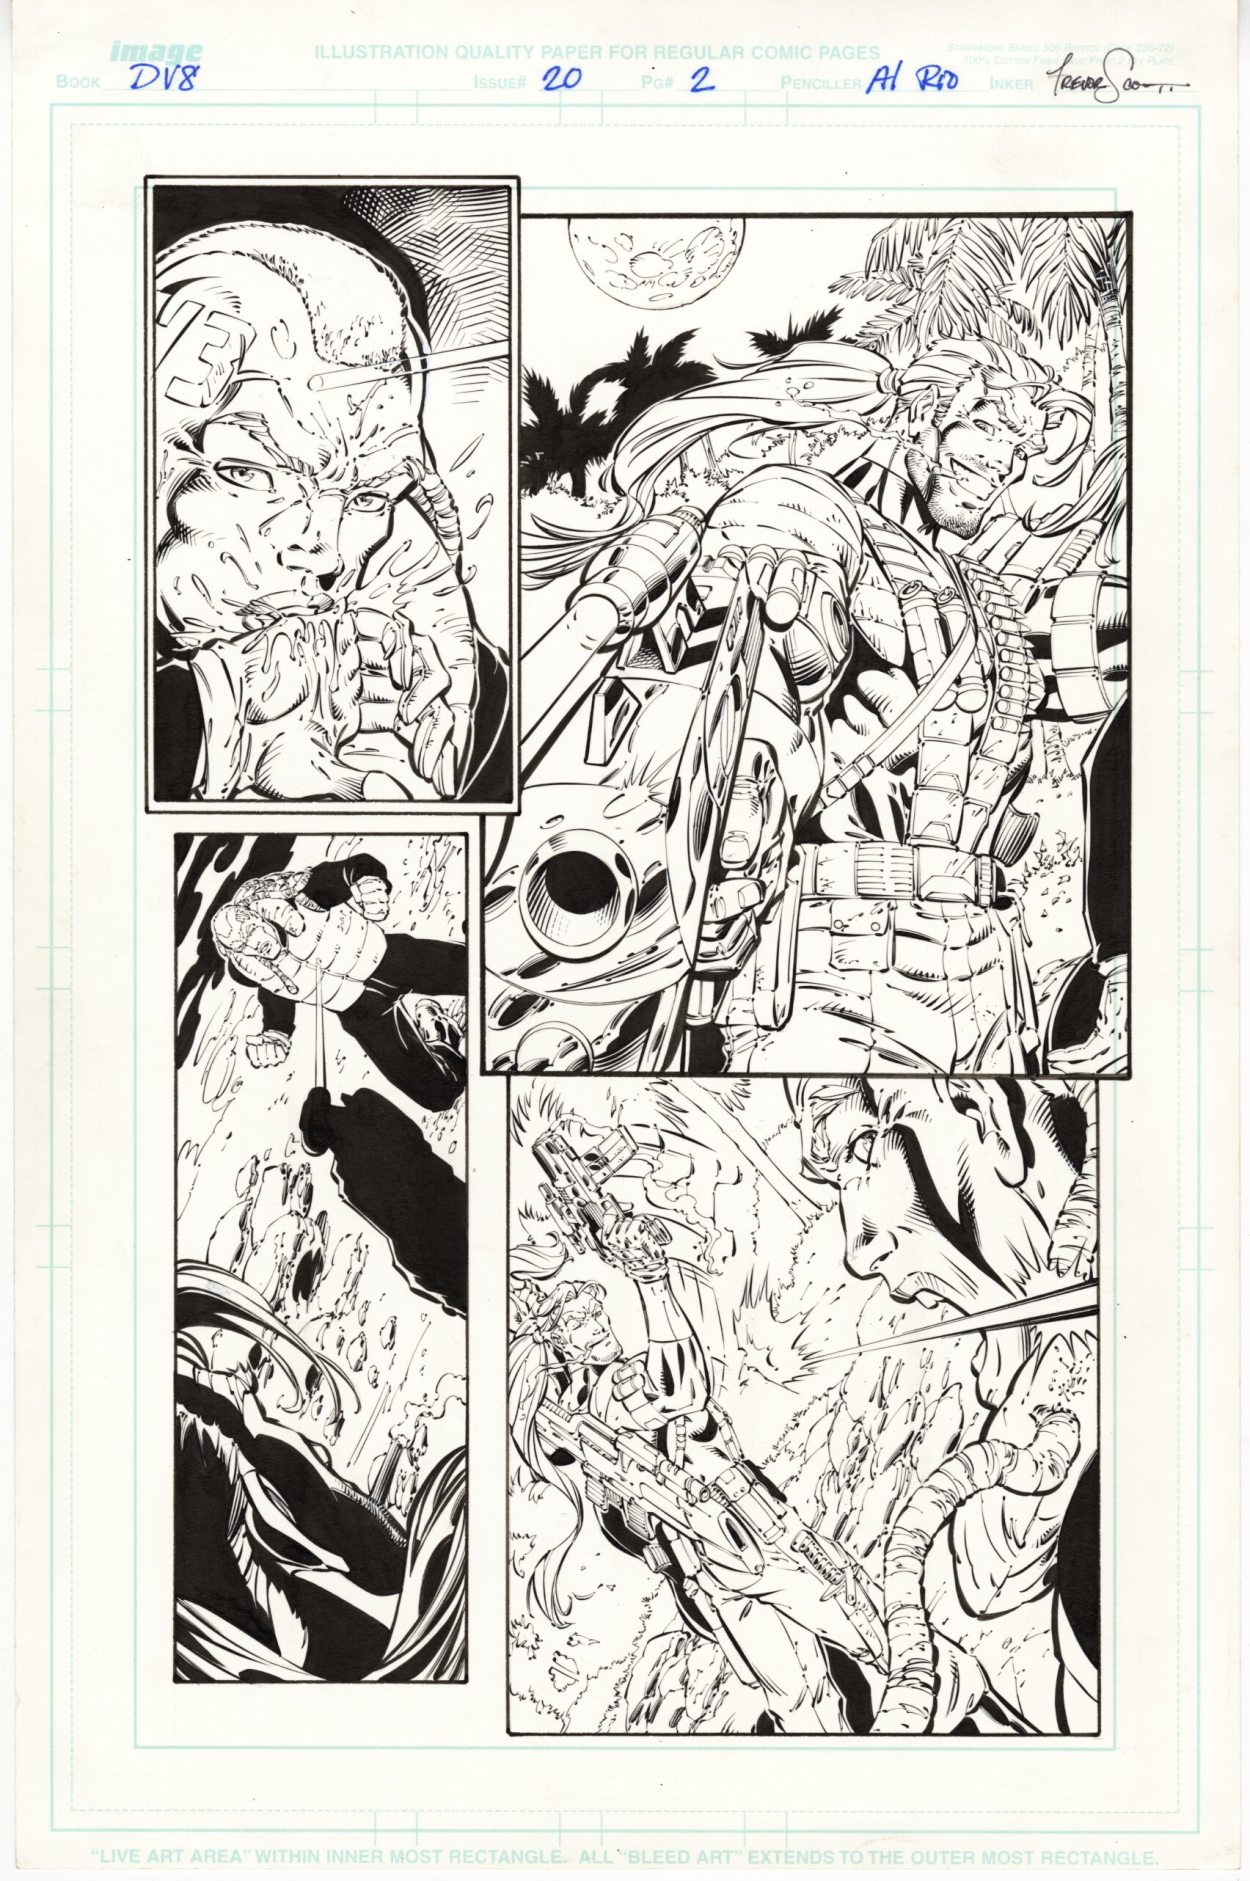 DV8 #20, page 2, Original Comic Art, Al Rio pencils, Trevor Scott inks, Wildstorm Comics, 1998